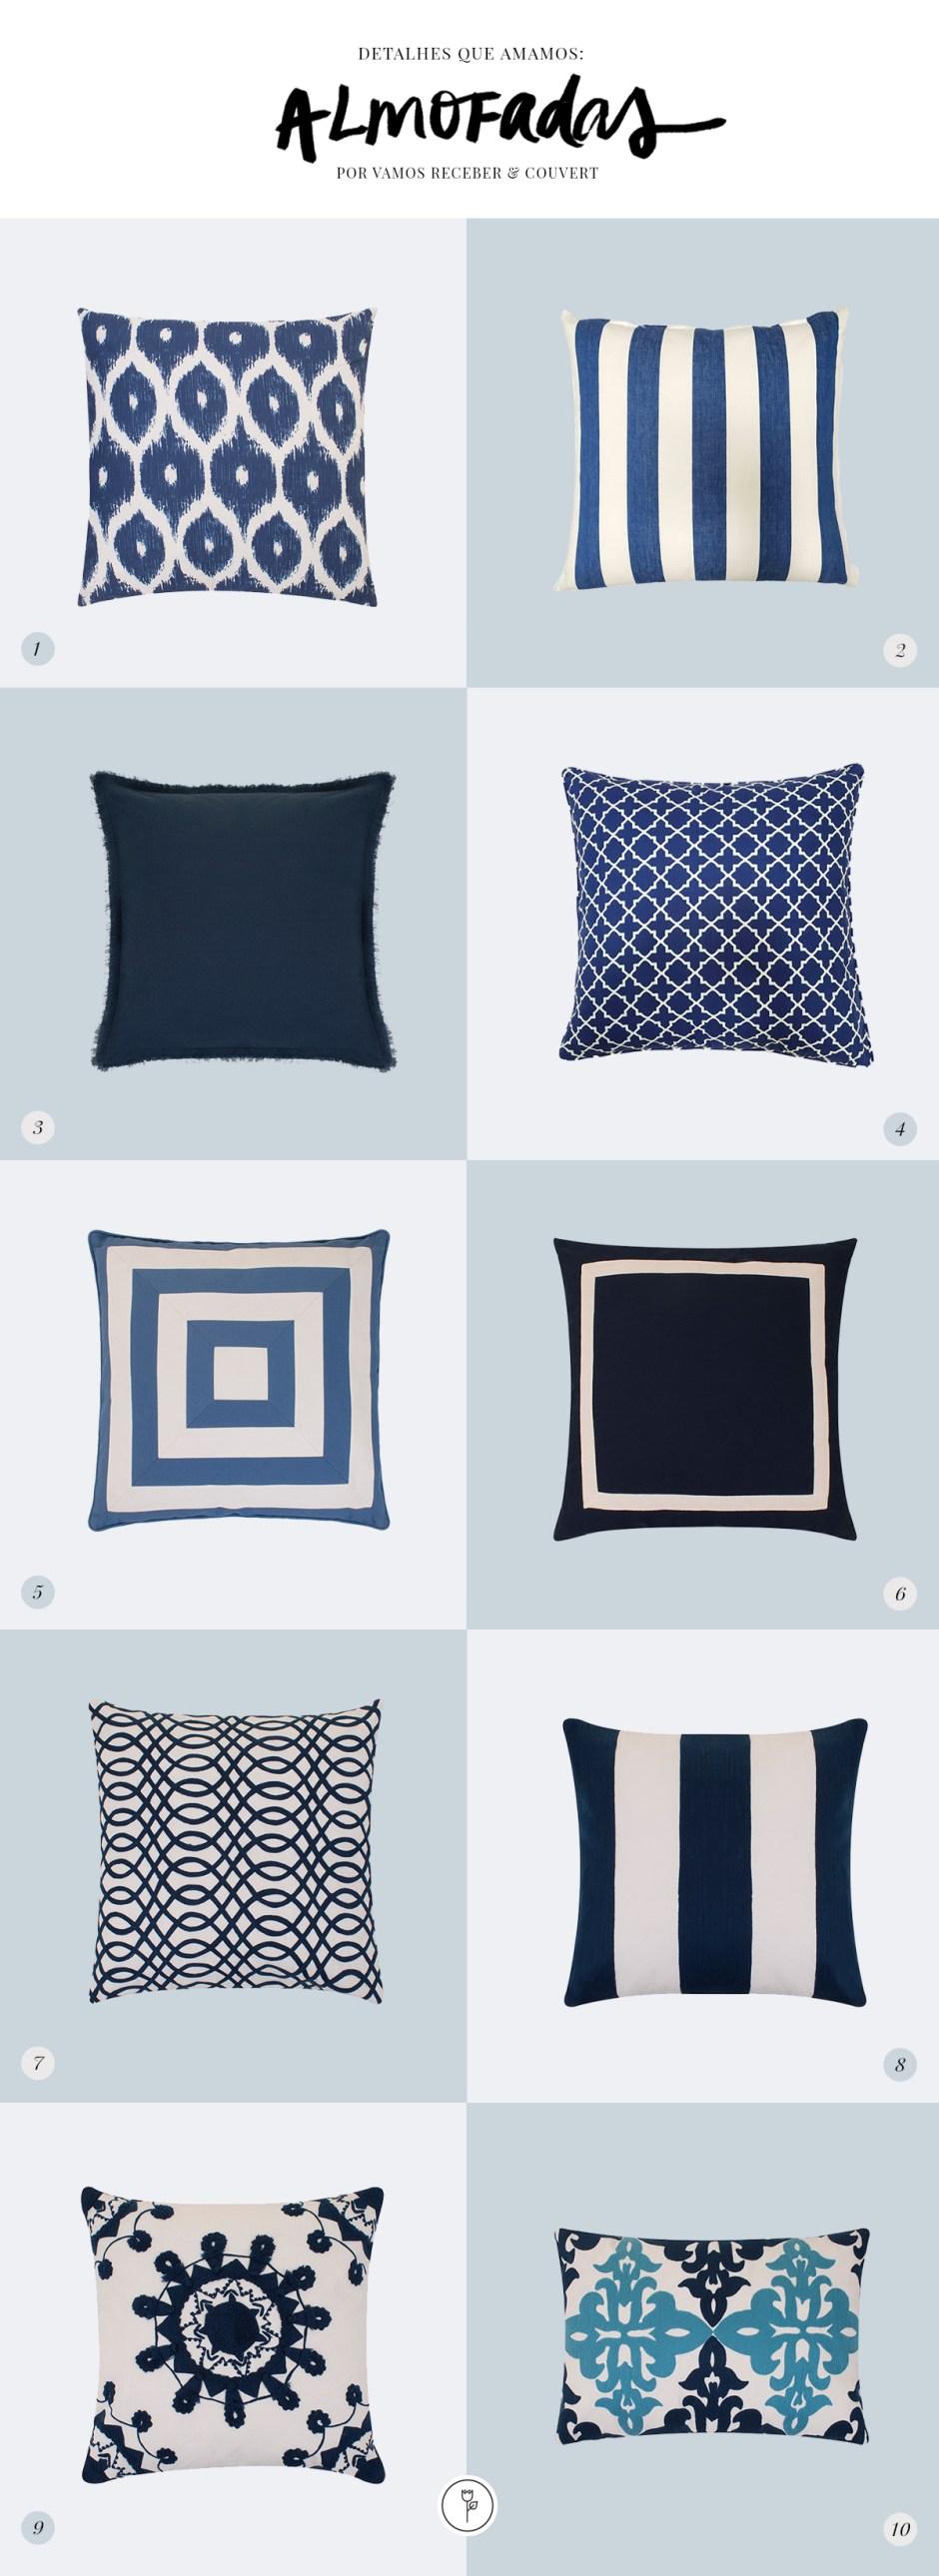 almofadas Couvert